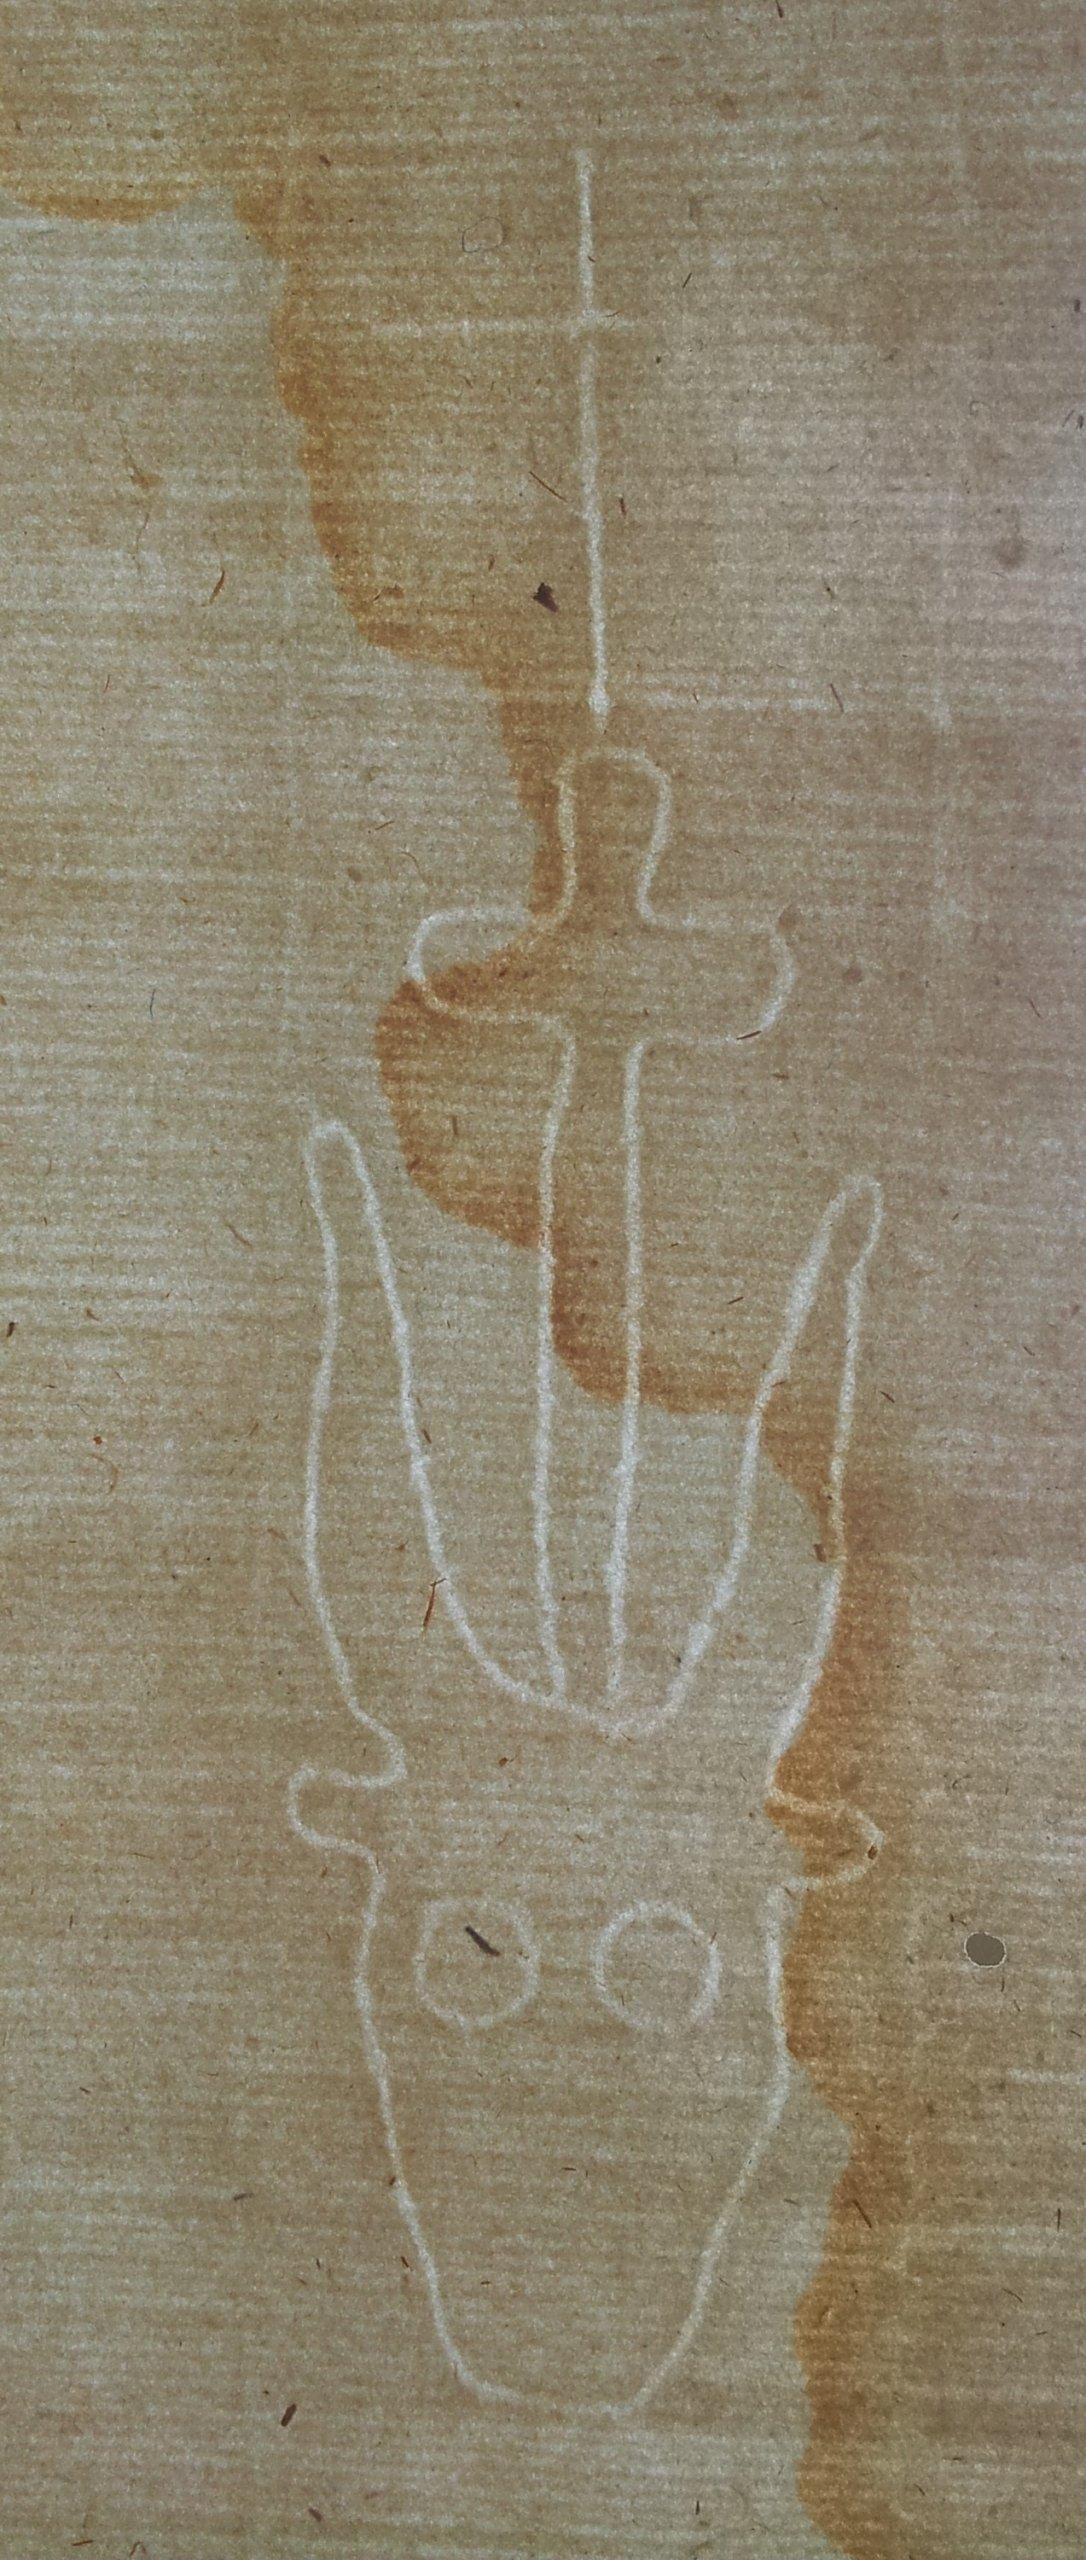 1450 Papier czerpany Wół z krzyżem Pomorze Śląsk